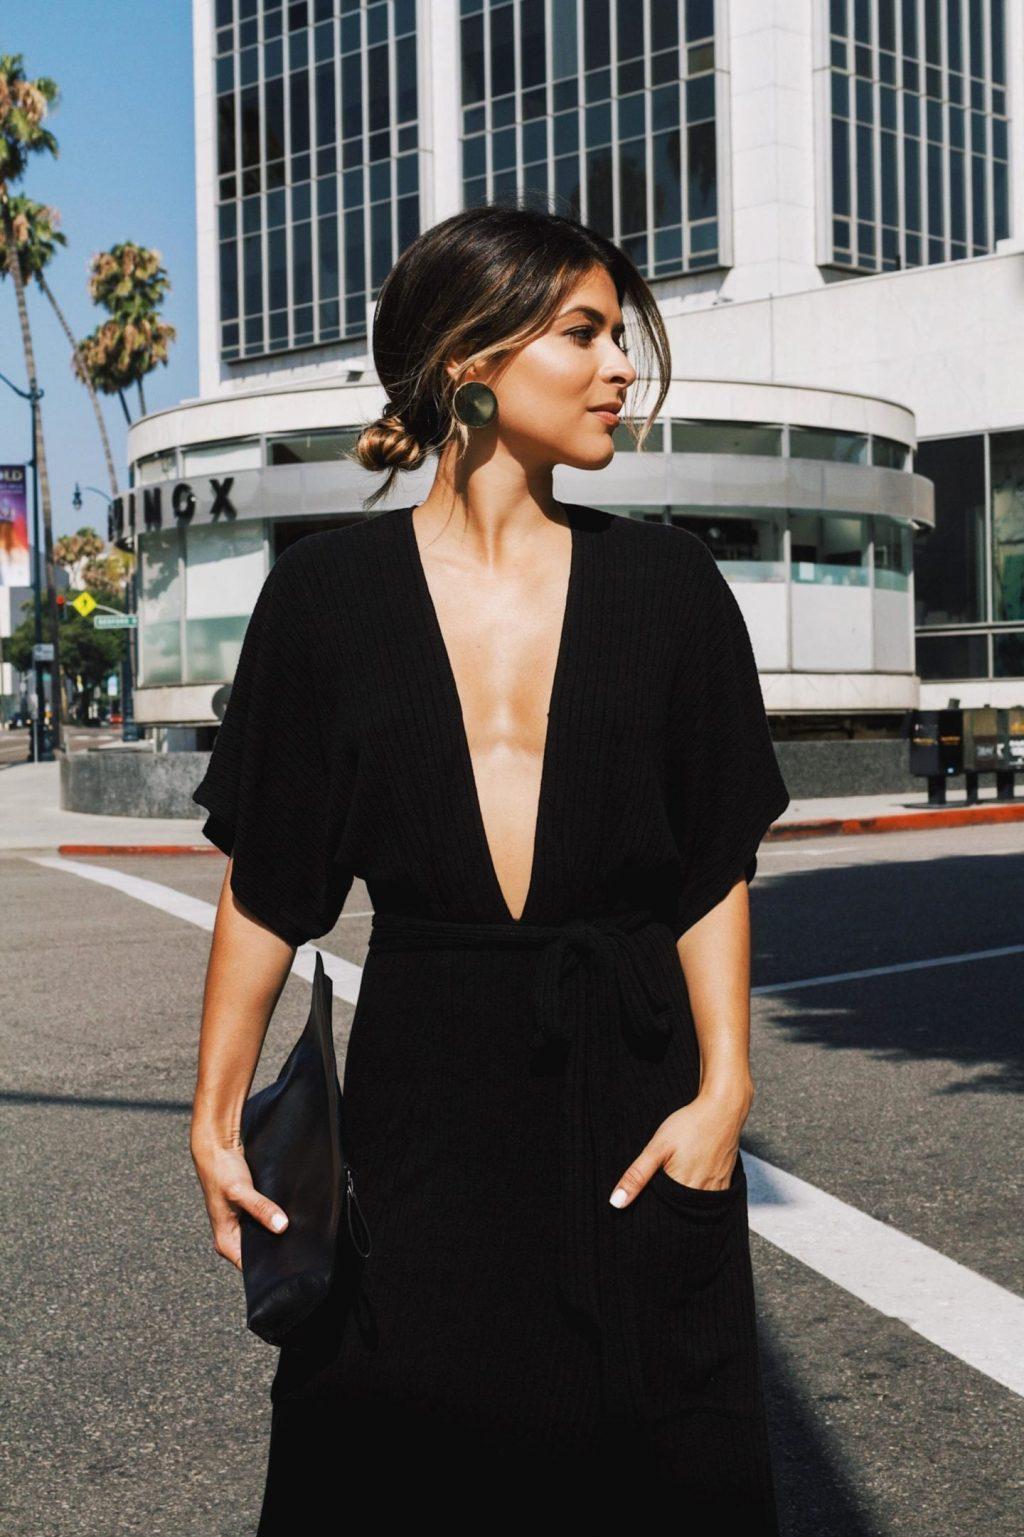 Đầm đen LBD cổ xẻ V cùng túi xách cầm tay